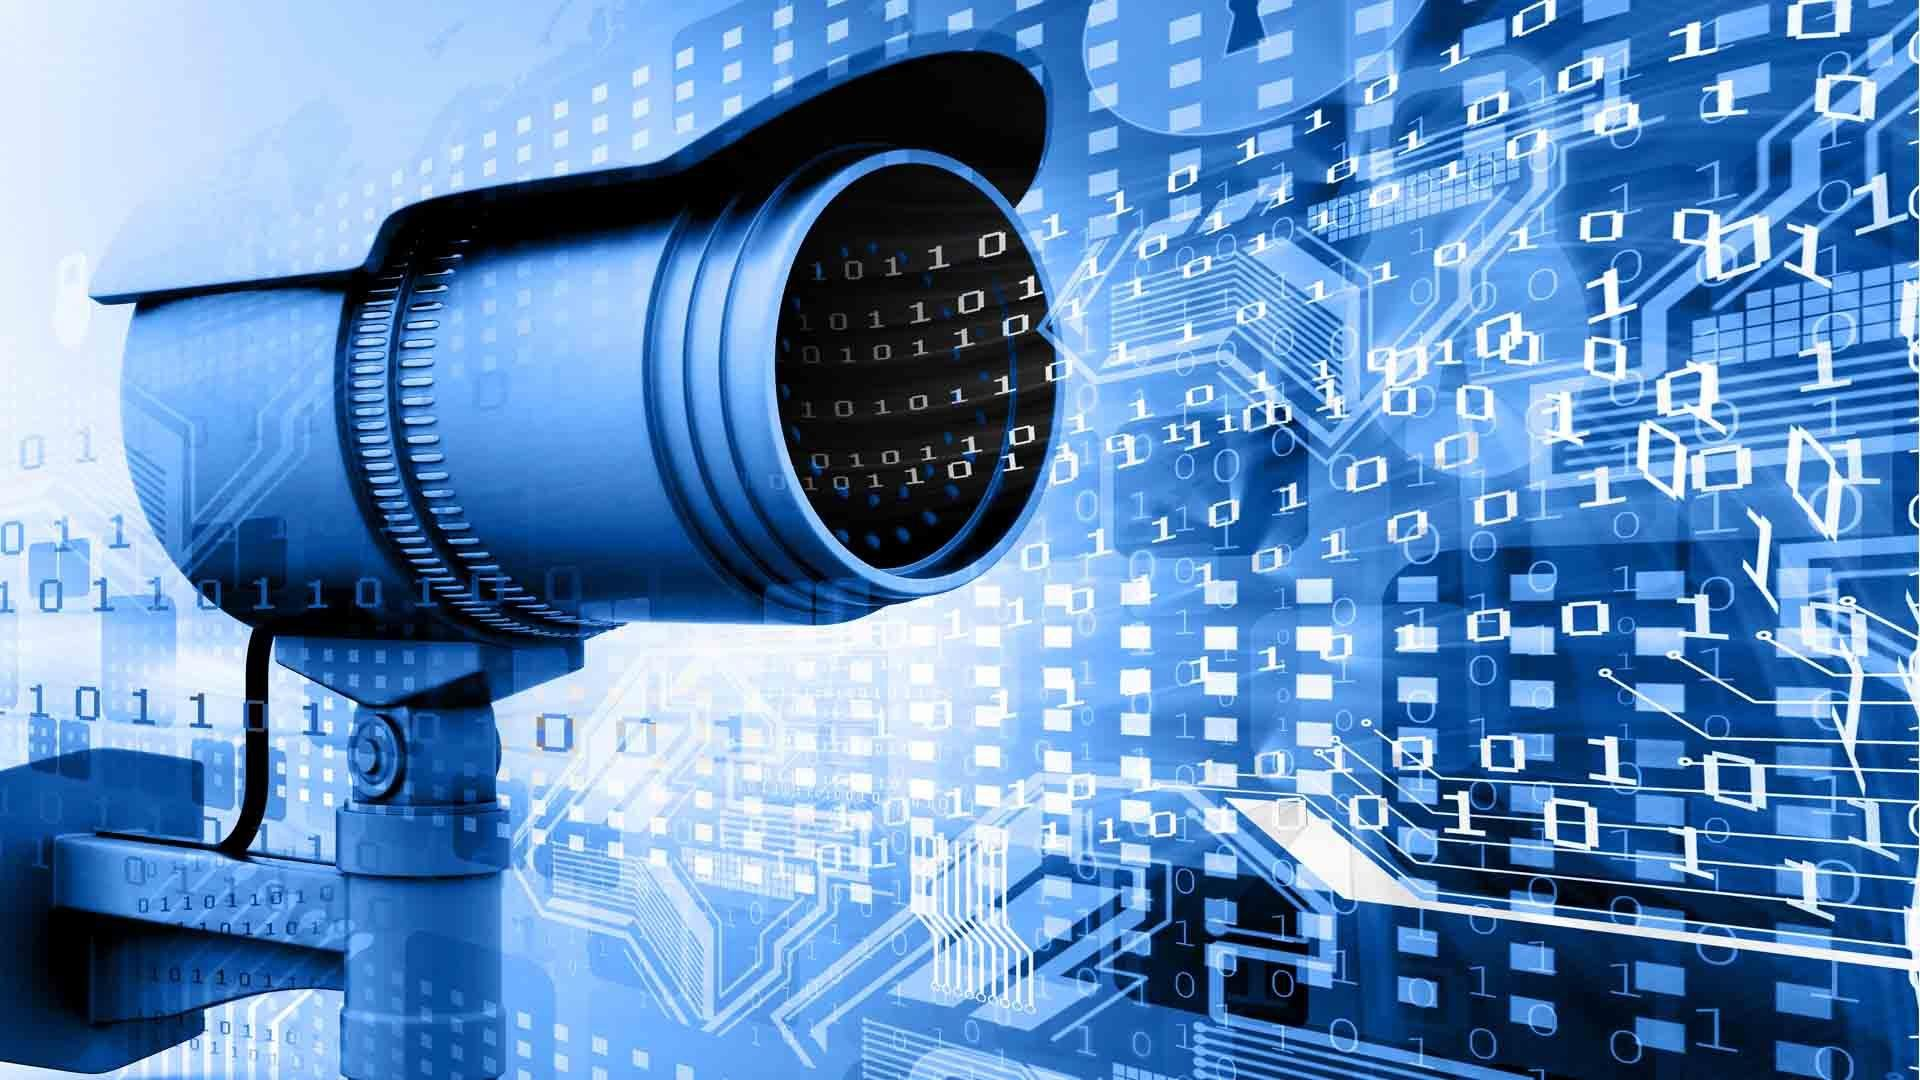 Europ-camera.fr, le spécialiste en matériels de vidéosurveillance à prix réduit